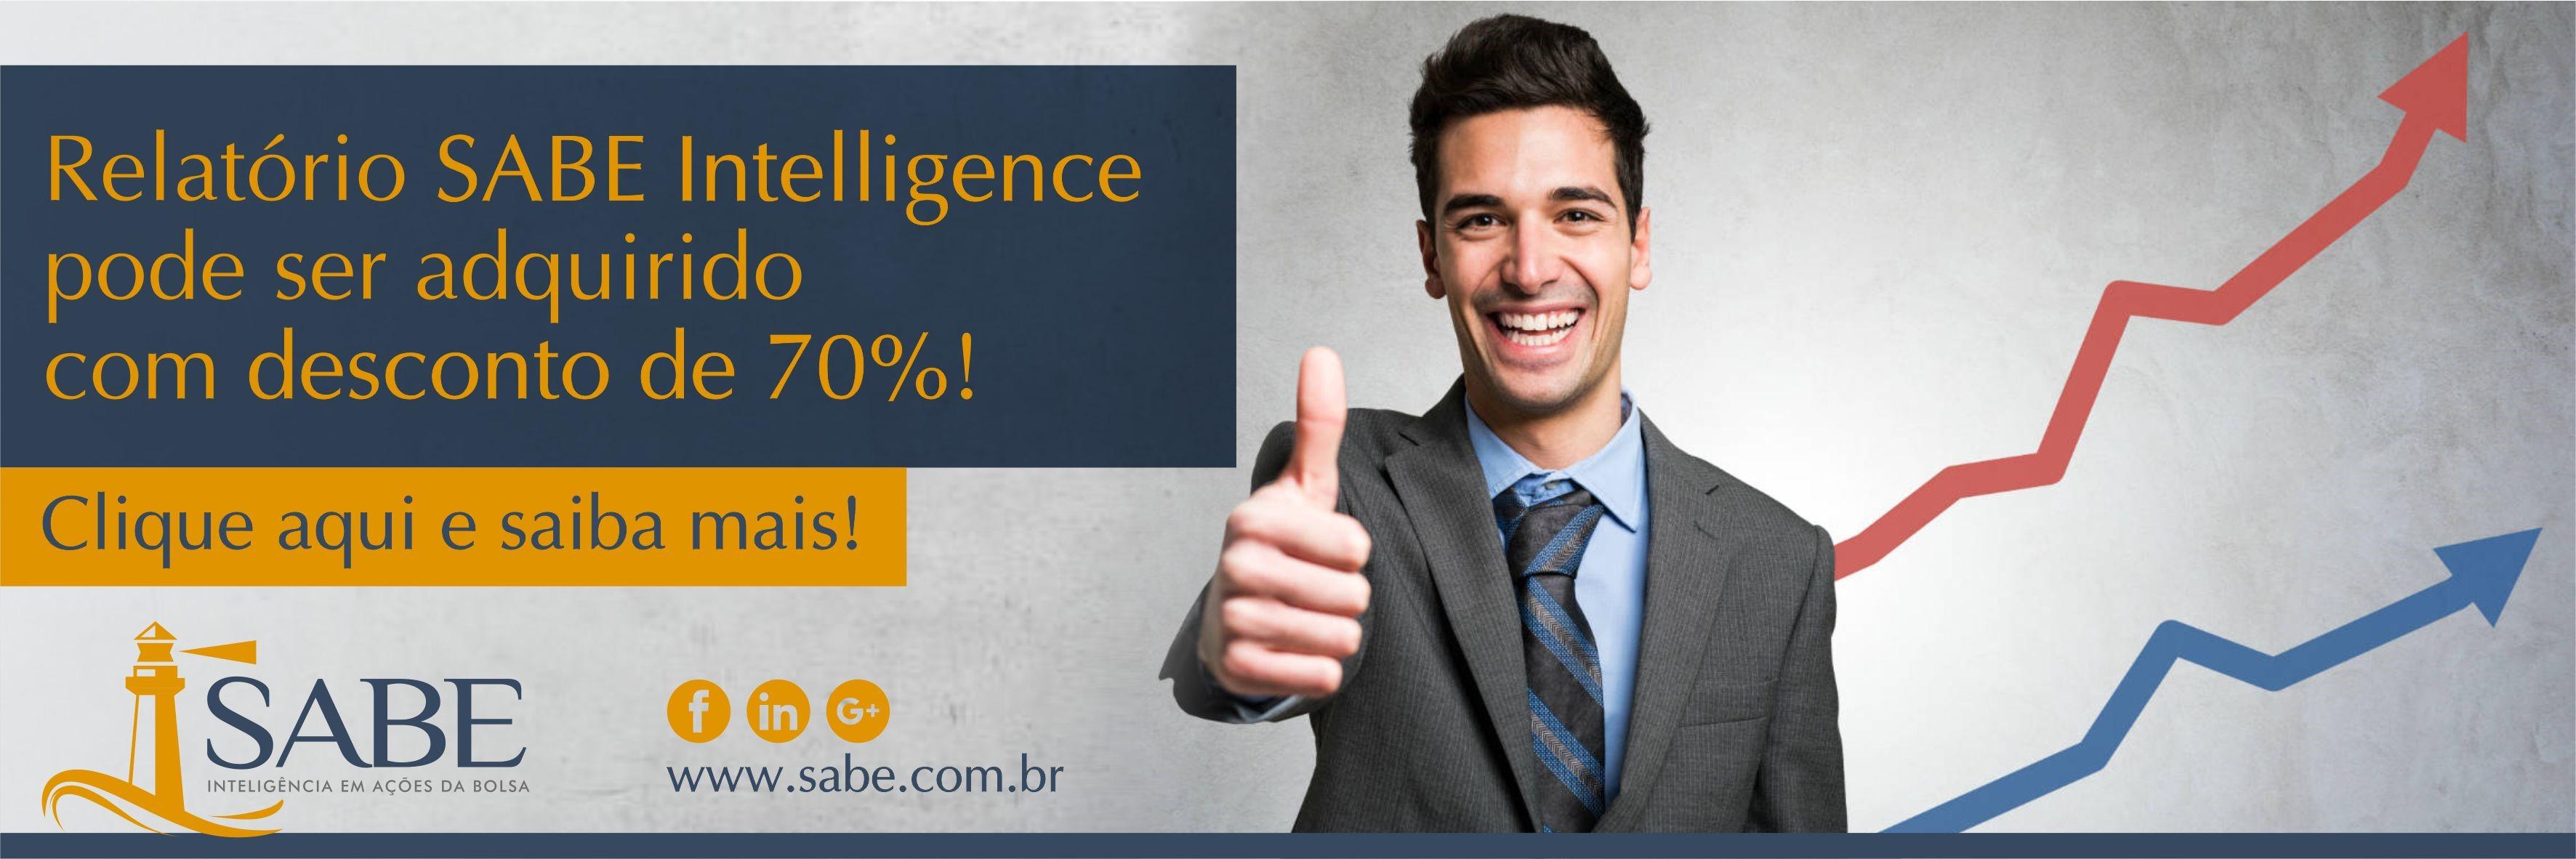 Promo Intelligence